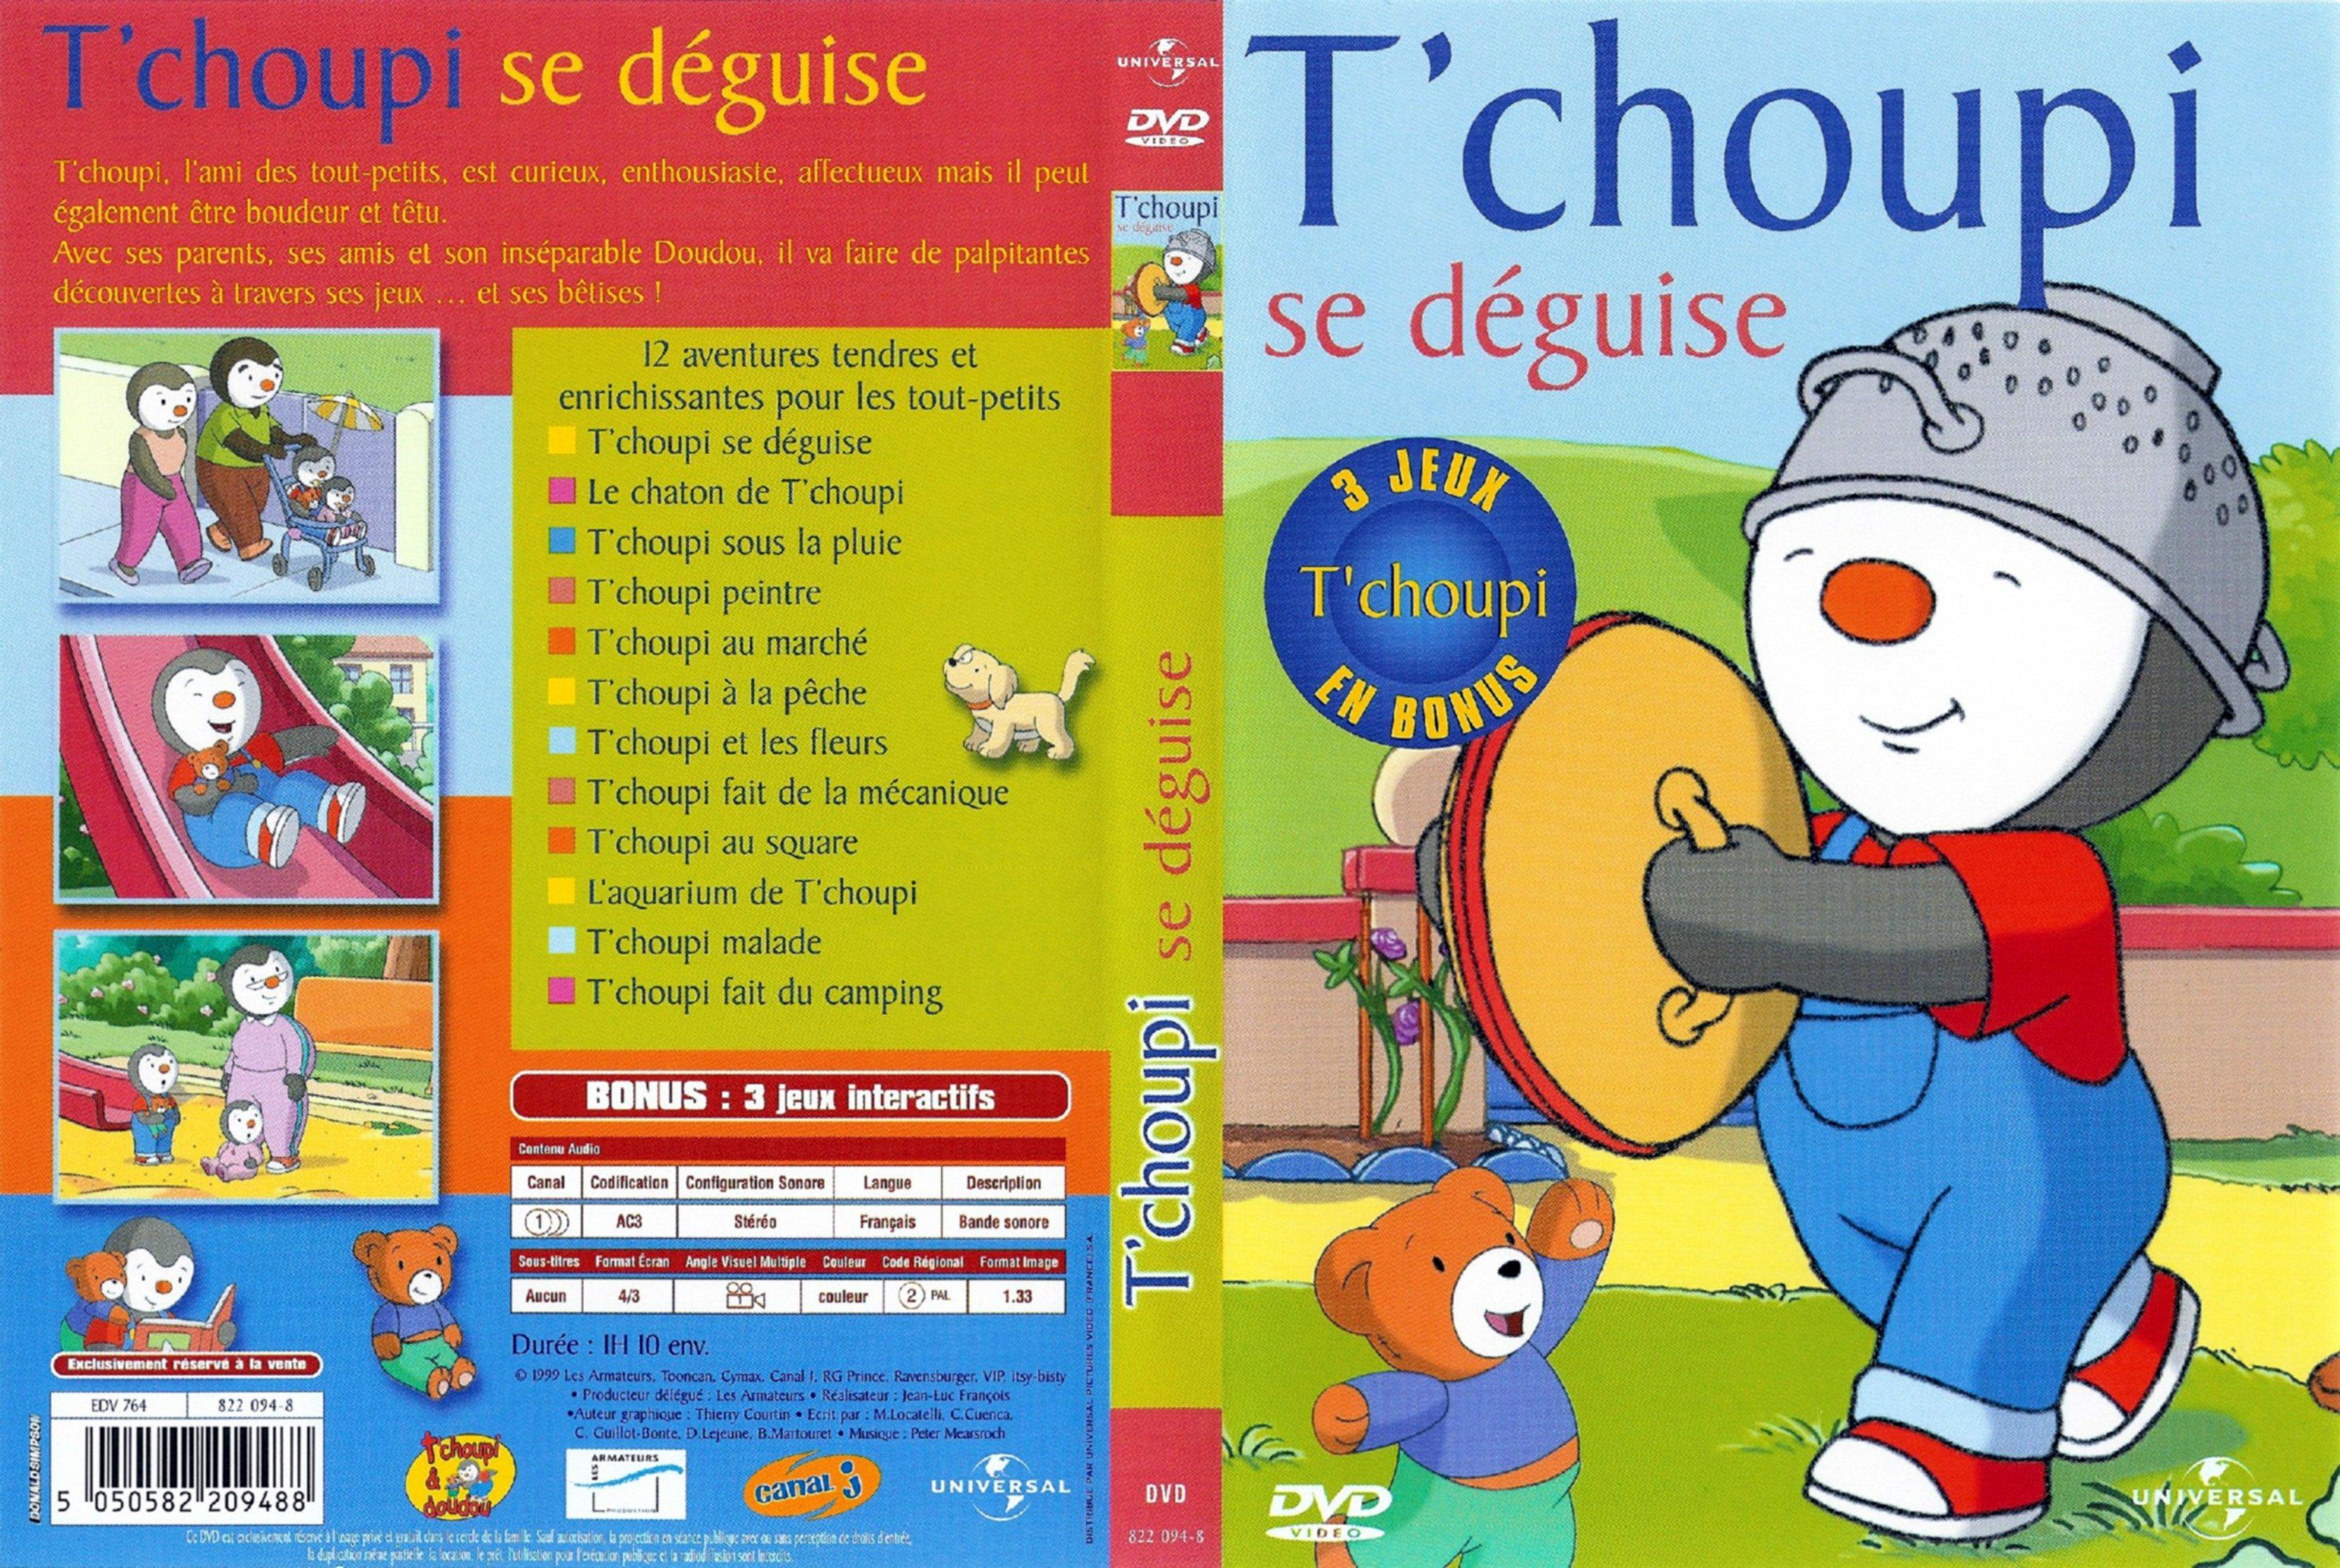 Jaquette Dvd De T'choupi Se Déguise - Cinéma Passion intérieur Tchoupi Au Marché